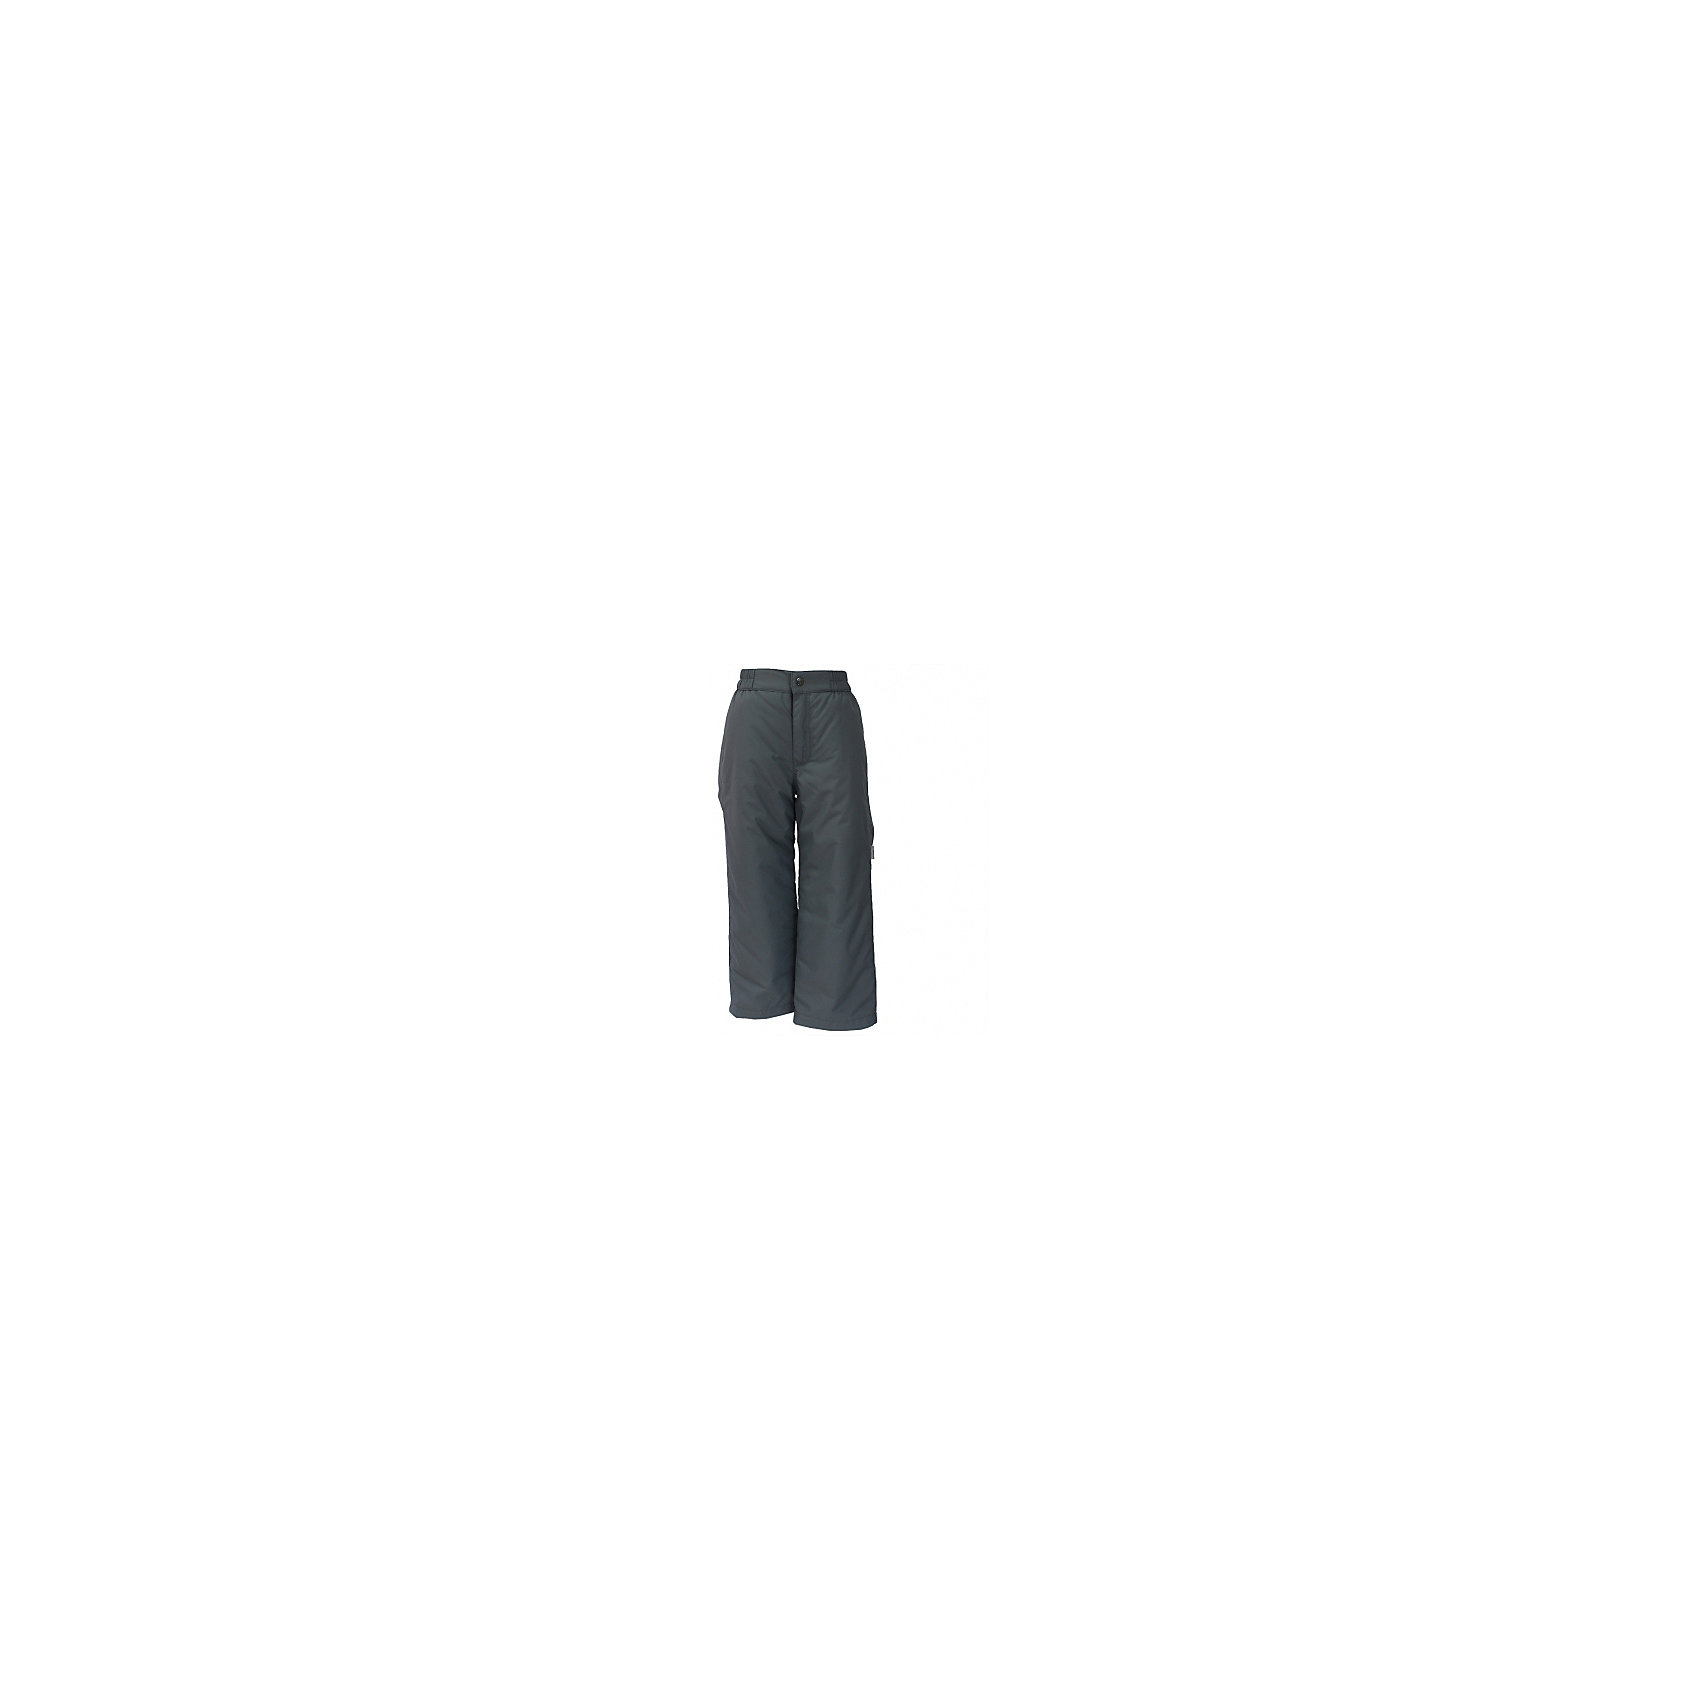 Брюки FREJA 1 HuppaВерхняя одежда<br>Брюки для детей FREJA 1.Водо и воздухонепроницаемость 10 000. Утеплитель 160 гр. Подкладка тафта 100% полиэстер.Швы проклеены. Внутренняя снегозащита брюк.Регулируемые низы. Добавлены петли для подтяжек.Имеются светоотражательные детали.<br>Состав:<br>100% Полиэстер<br><br>Ширина мм: 215<br>Глубина мм: 88<br>Высота мм: 191<br>Вес г: 336<br>Цвет: серый<br>Возраст от месяцев: 168<br>Возраст до месяцев: 180<br>Пол: Унисекс<br>Возраст: Детский<br>Размер: 170,122,128,134,140,146,152,158,164<br>SKU: 7027699